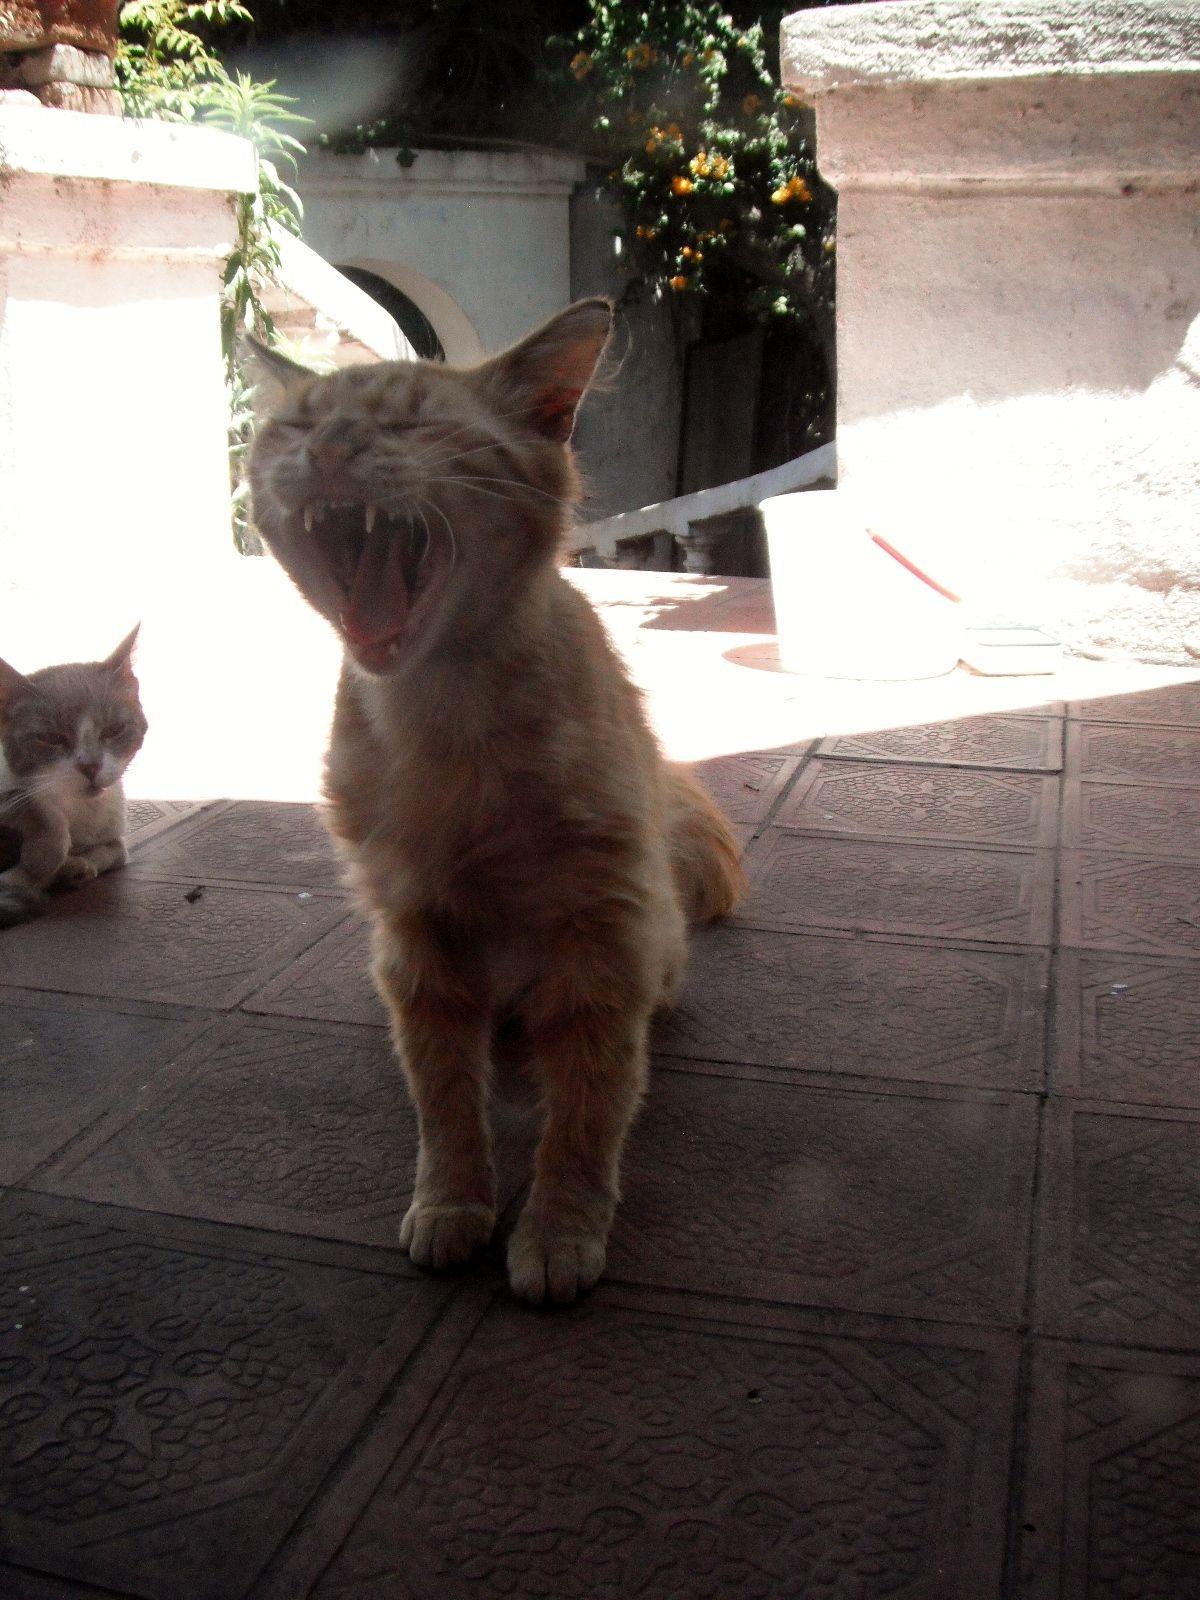 Kittys go RAWR!